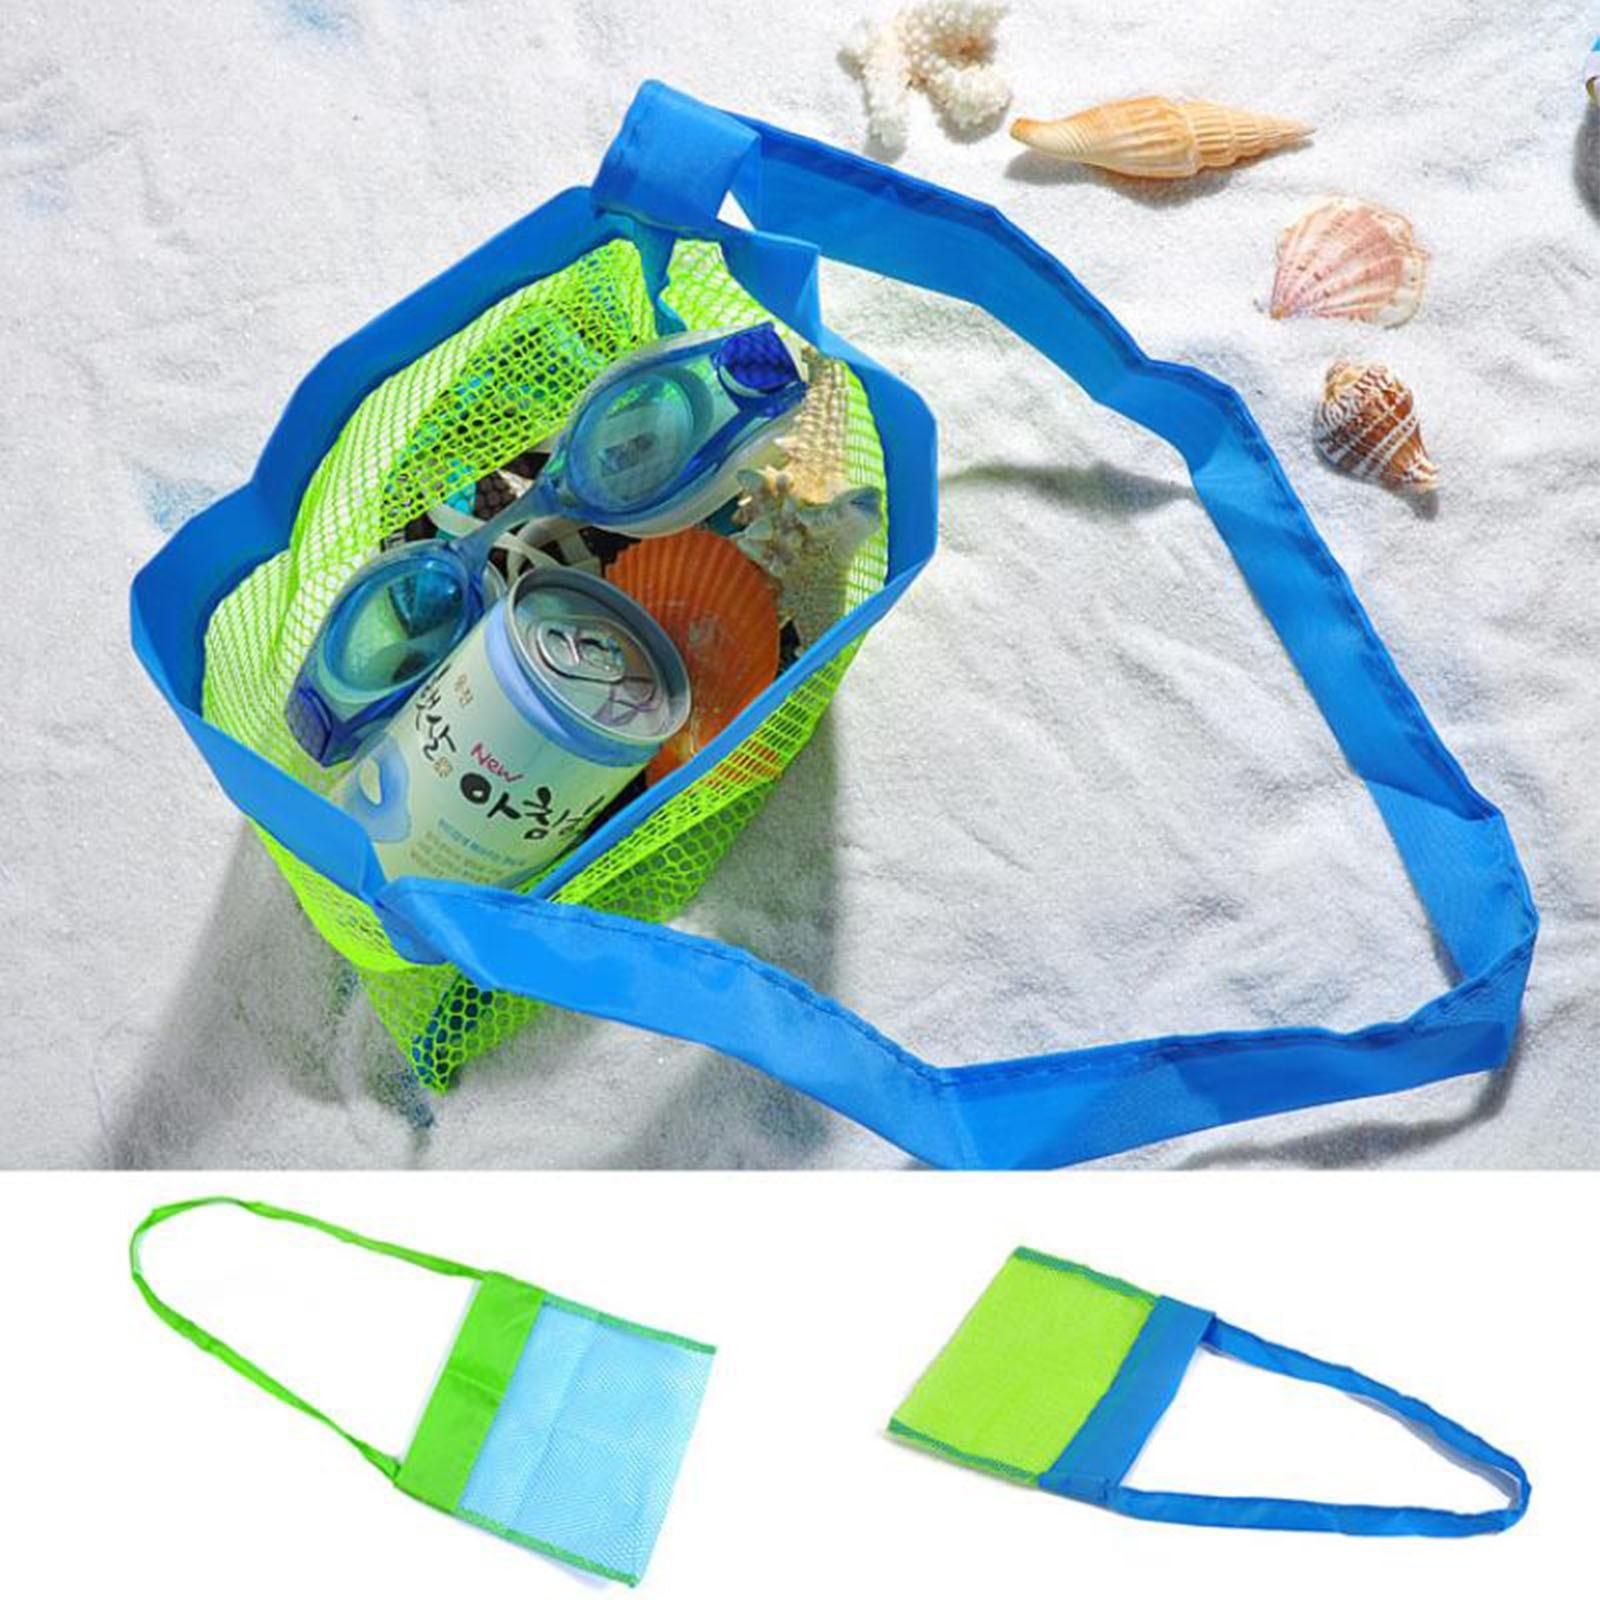 Beach Net Bag Children's Toys Quickly Organize Convenient High Quality Beach Storage Bag Сумка Для Хранения